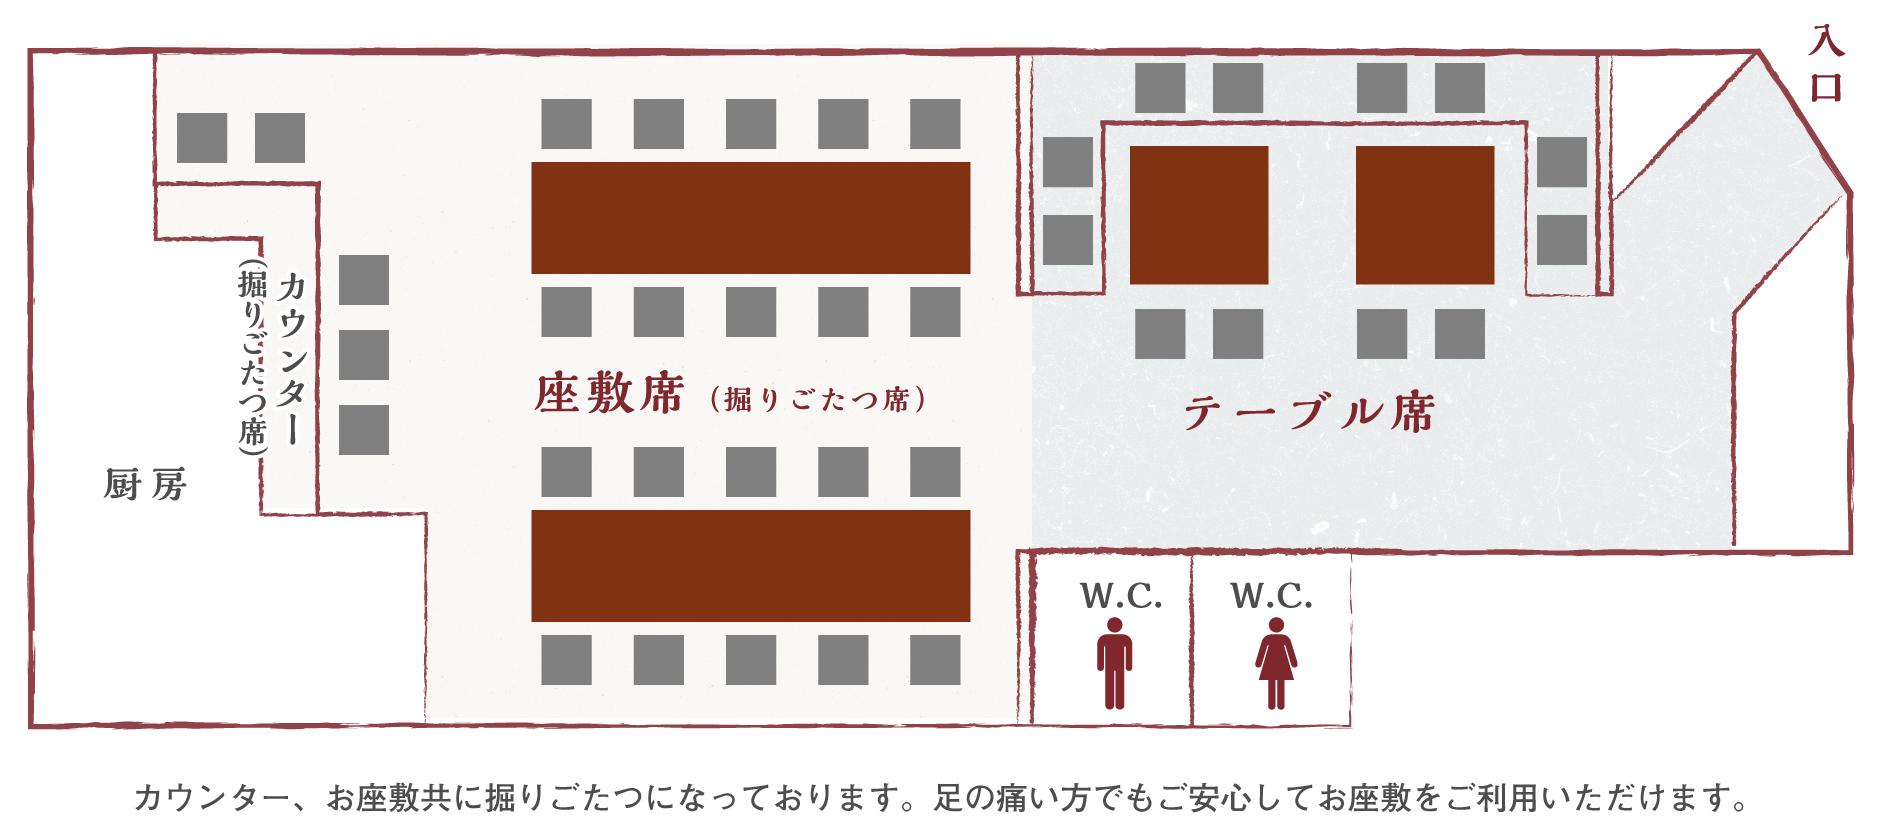 お席の配置図2